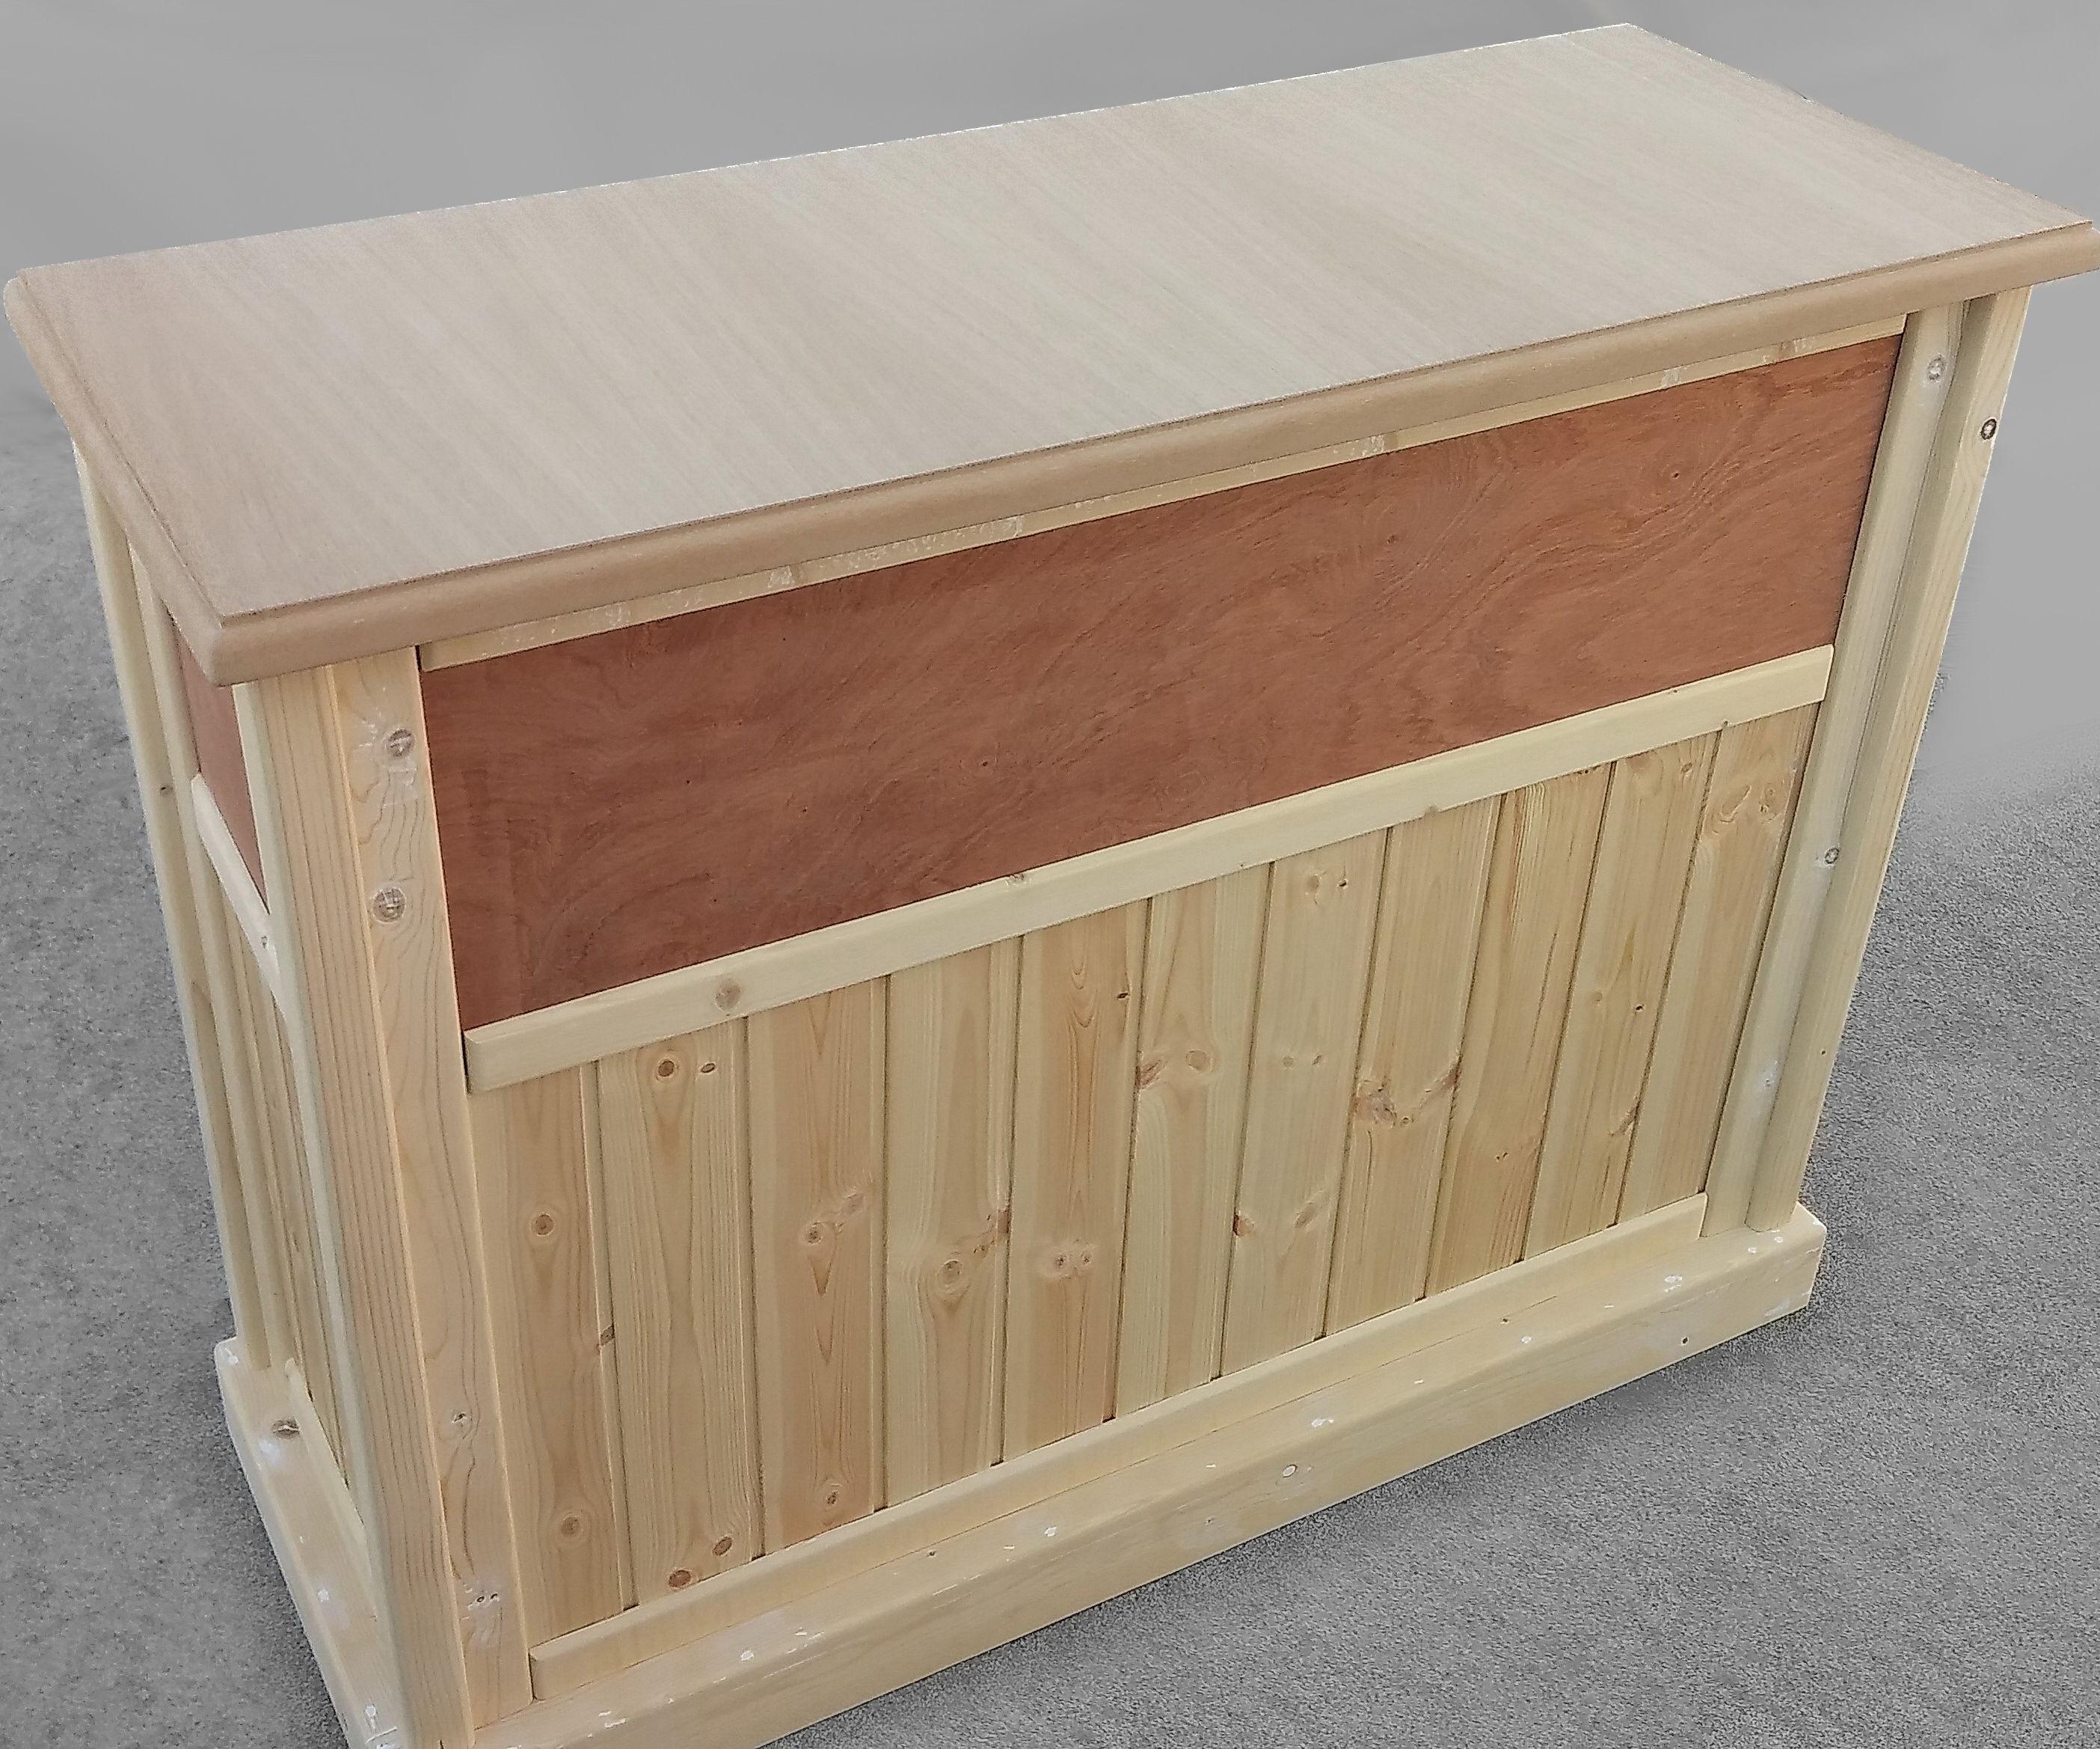 Building Custom Shop Counters   Cash Wraps